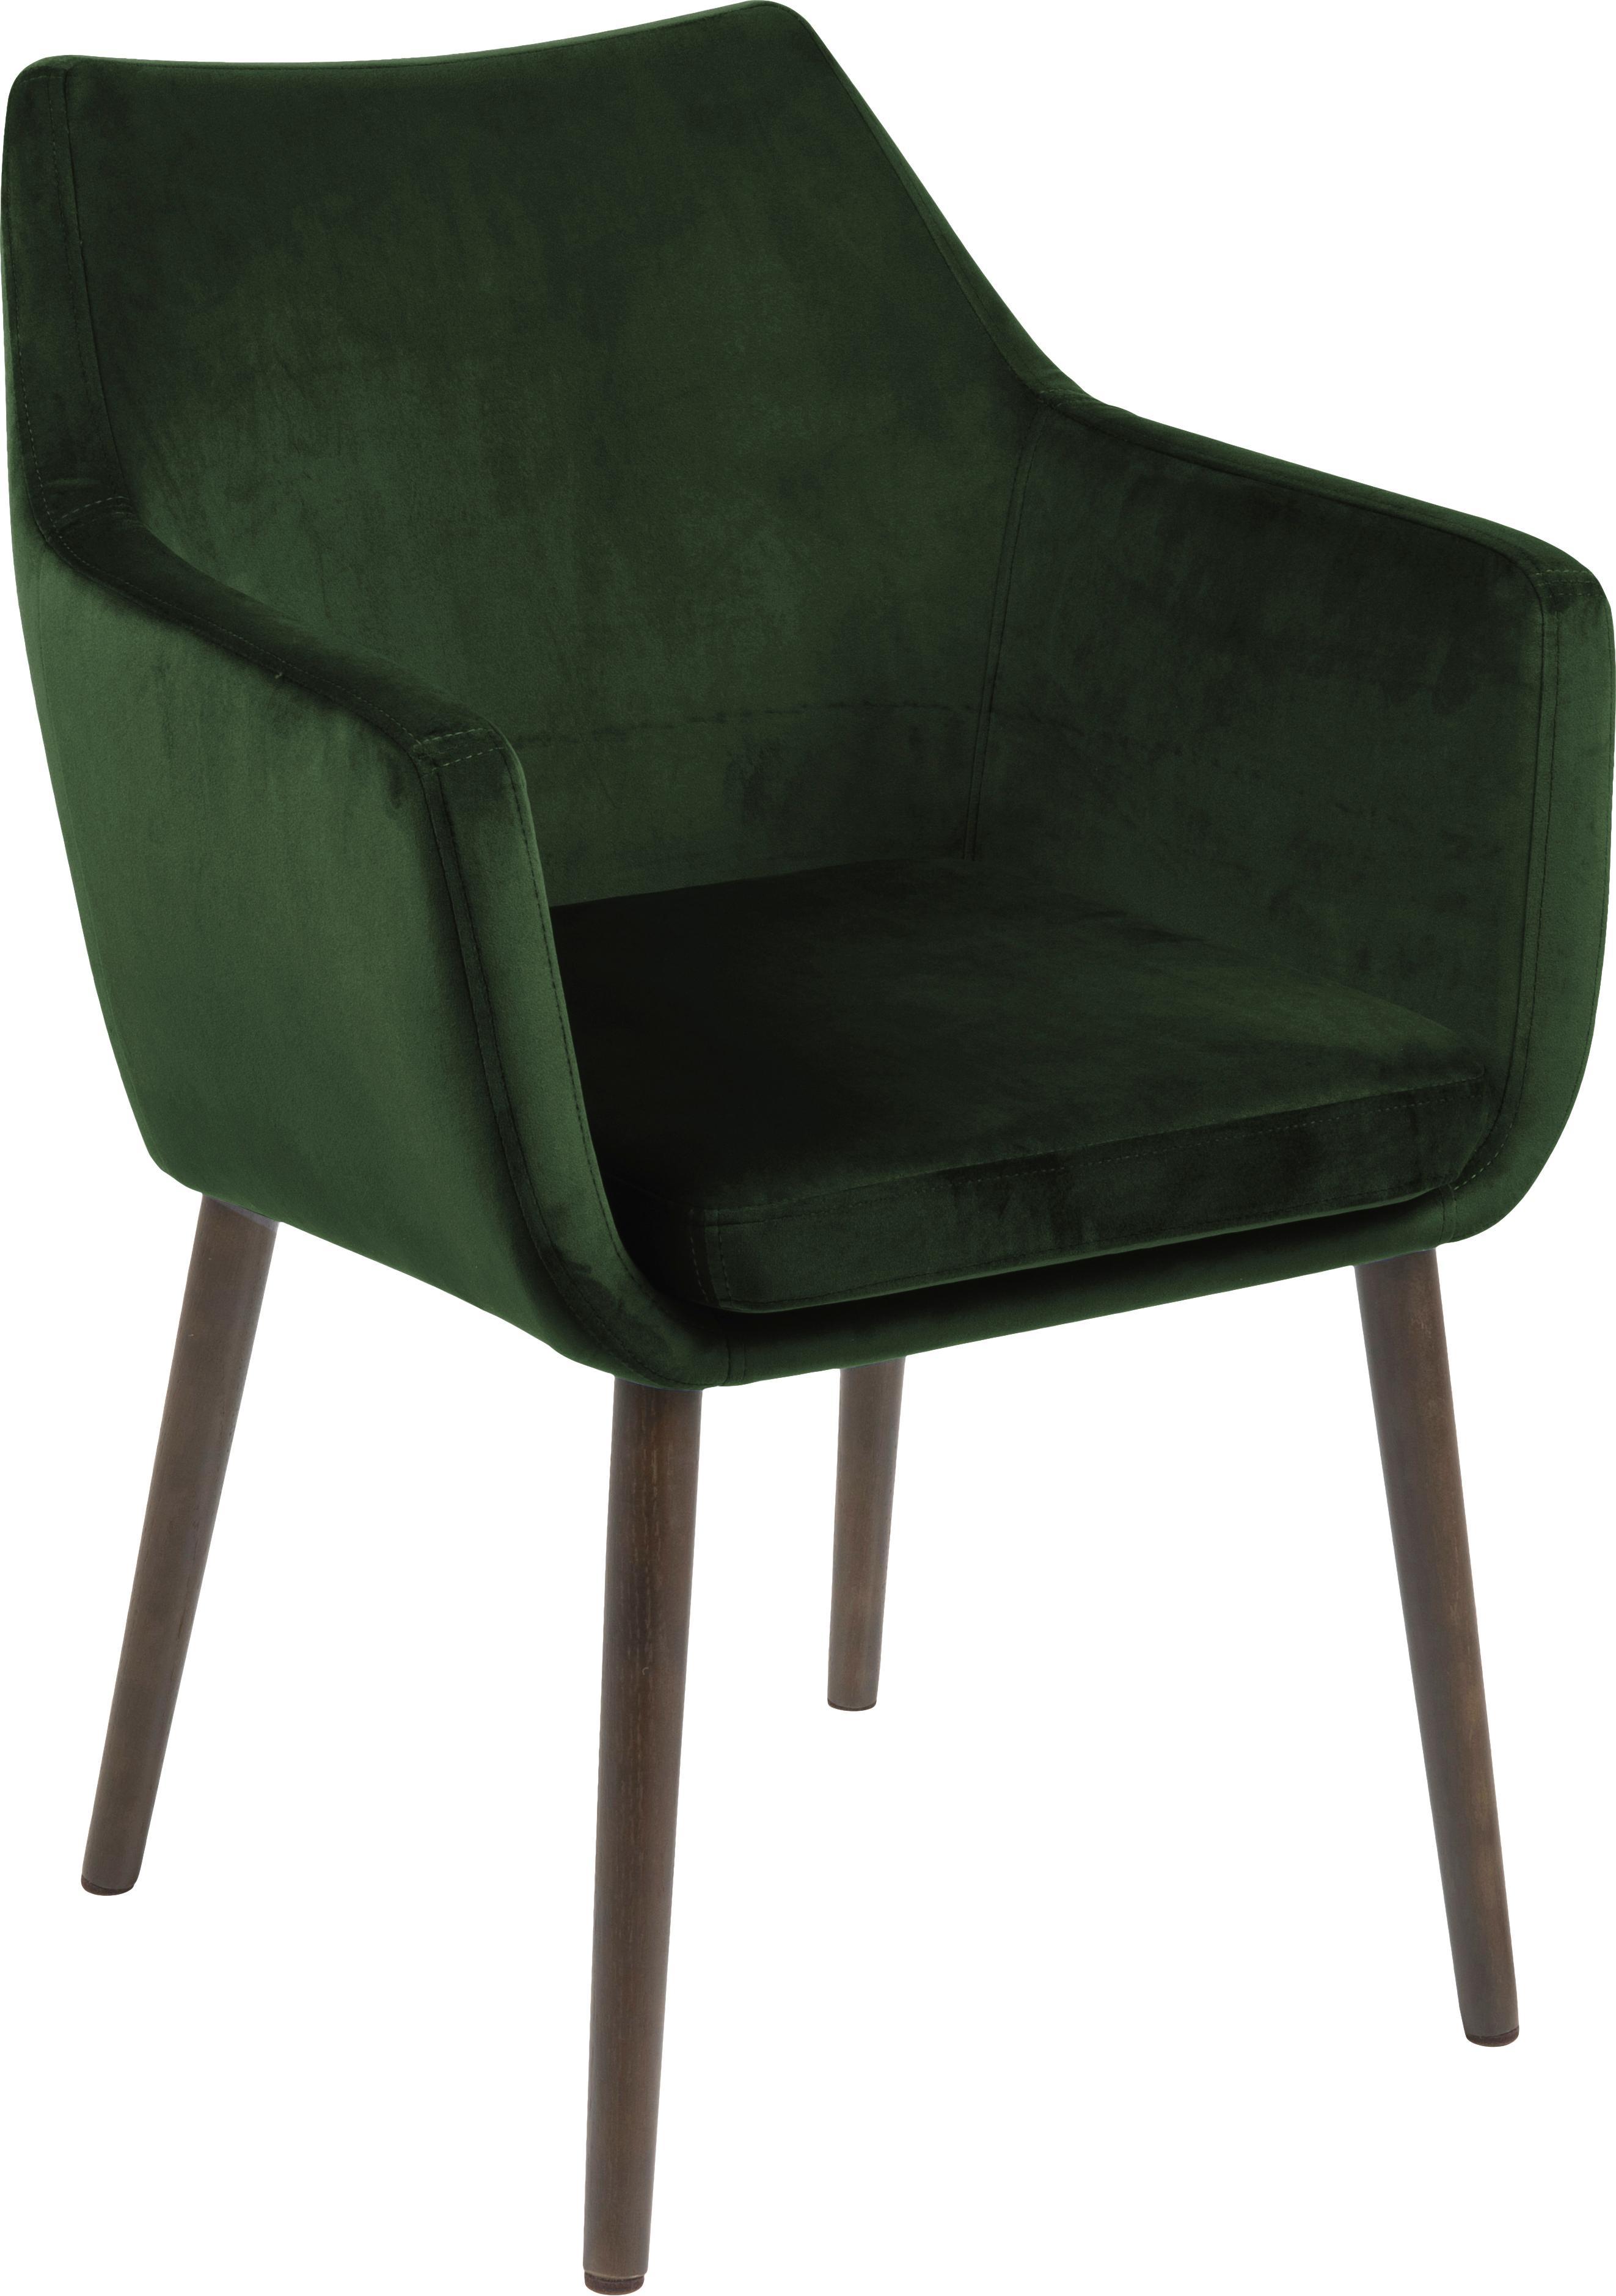 Krzesło z podłokietnikami z aksamitu Nora, Tapicerka: poliester (aksamit), Nogi: drewno dębowe, bejcowane, Aksamitny zielony leśny, nogi: ciemny brązowy, S 58 x W 84 cm